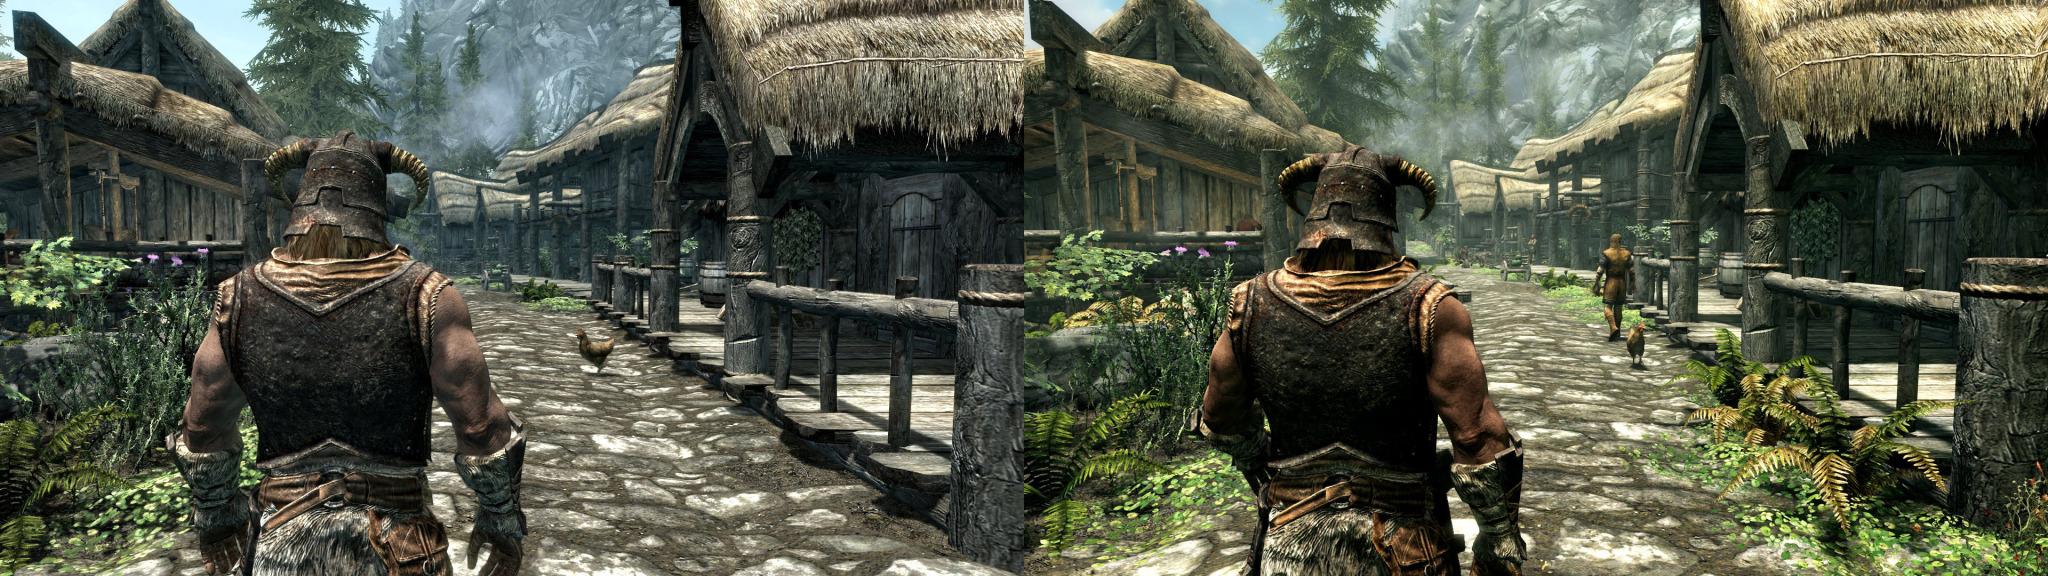 Skyrim Special Edition gratis su Steam, ma non per tutti | Game Division